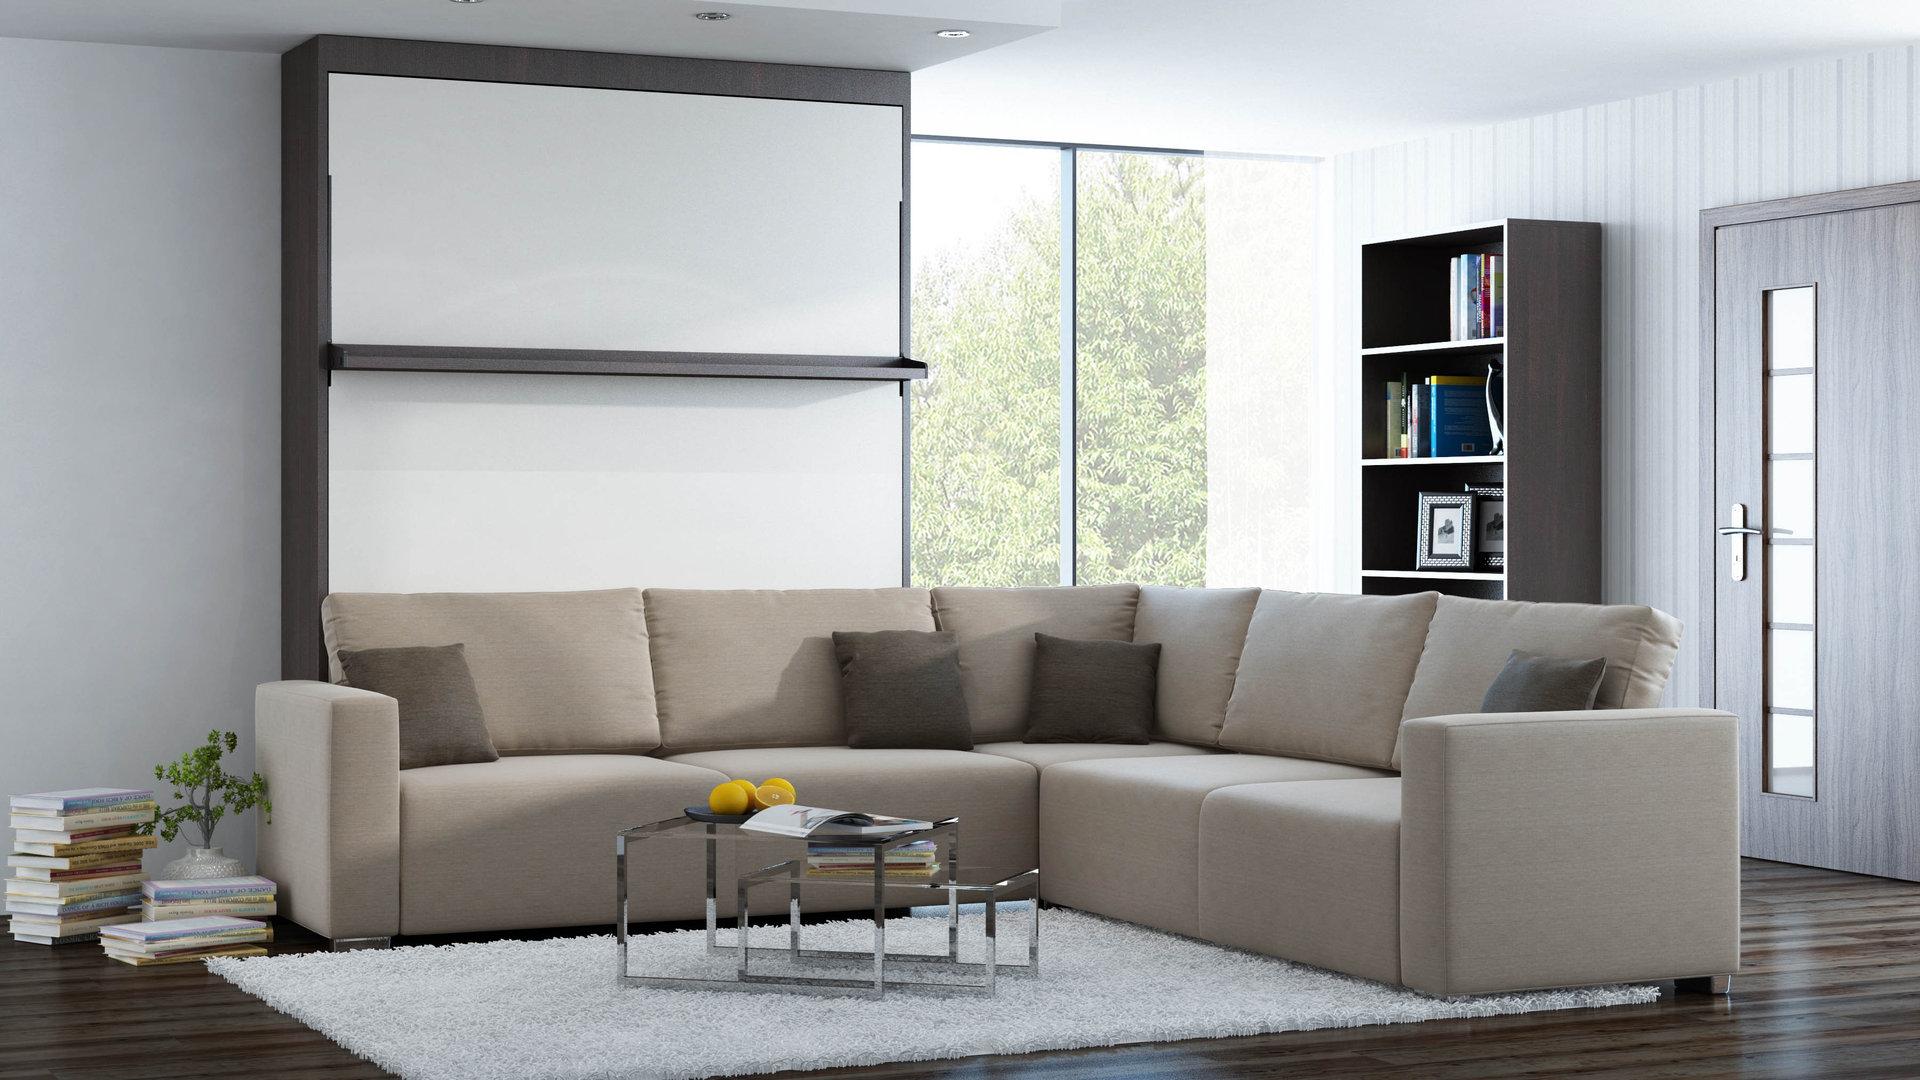 Eitelkeit Sofa Ecke Ideen Von Ts Möbel Wandbett Mit Leggio Linea Std-std